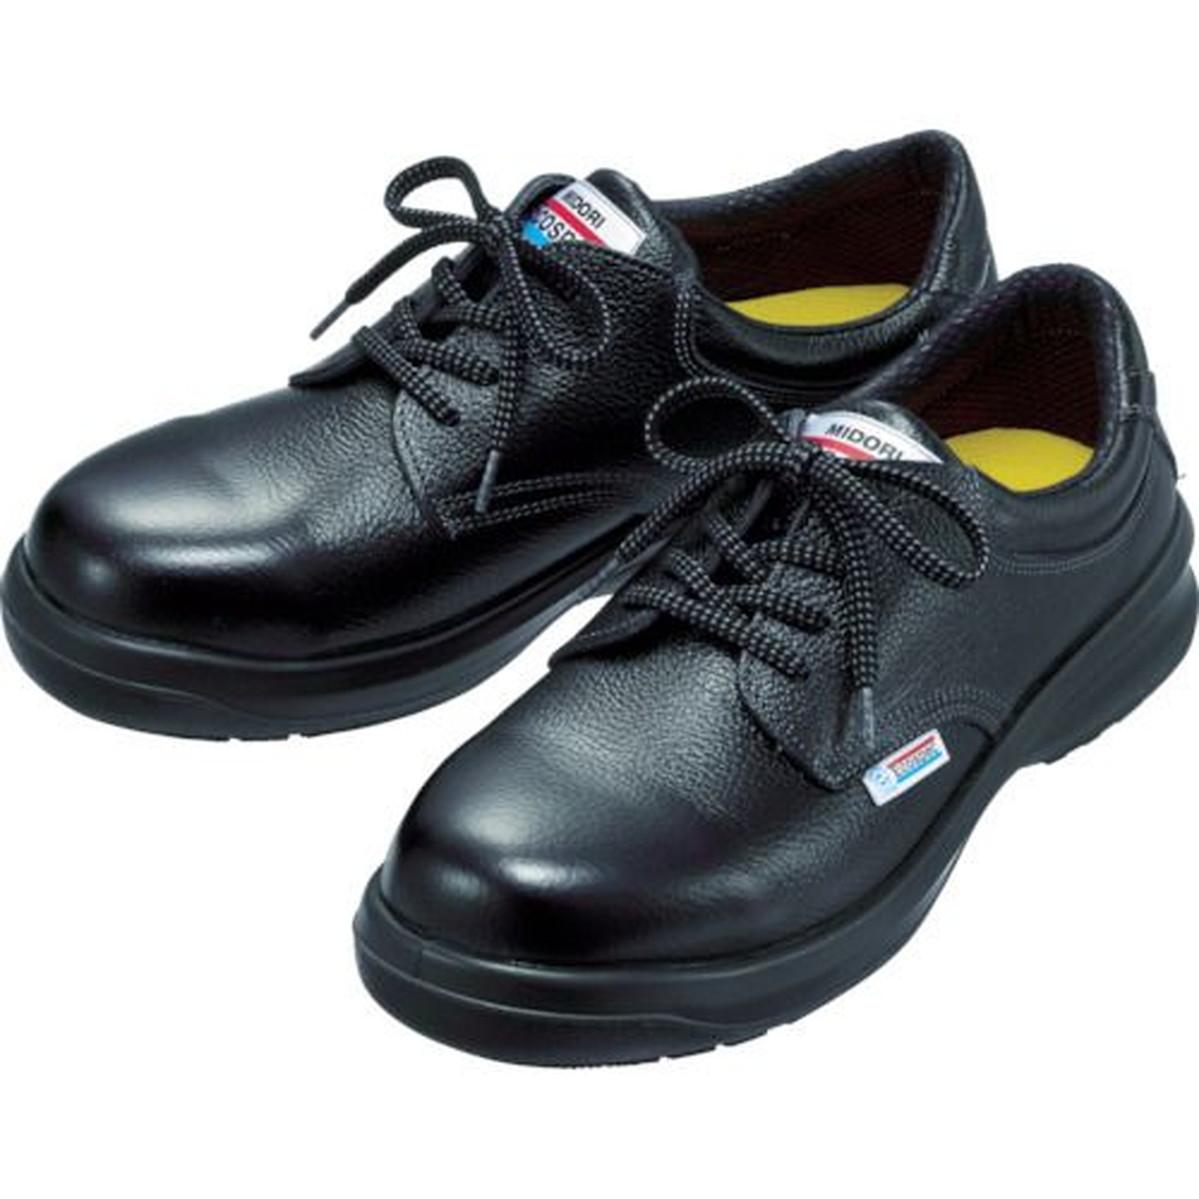 あす楽対応 DIY用品 ミドリ安全 エコマーク認定 絶品 贈呈 ESG3210eco 1足 静電高機能安全靴 25.0CM